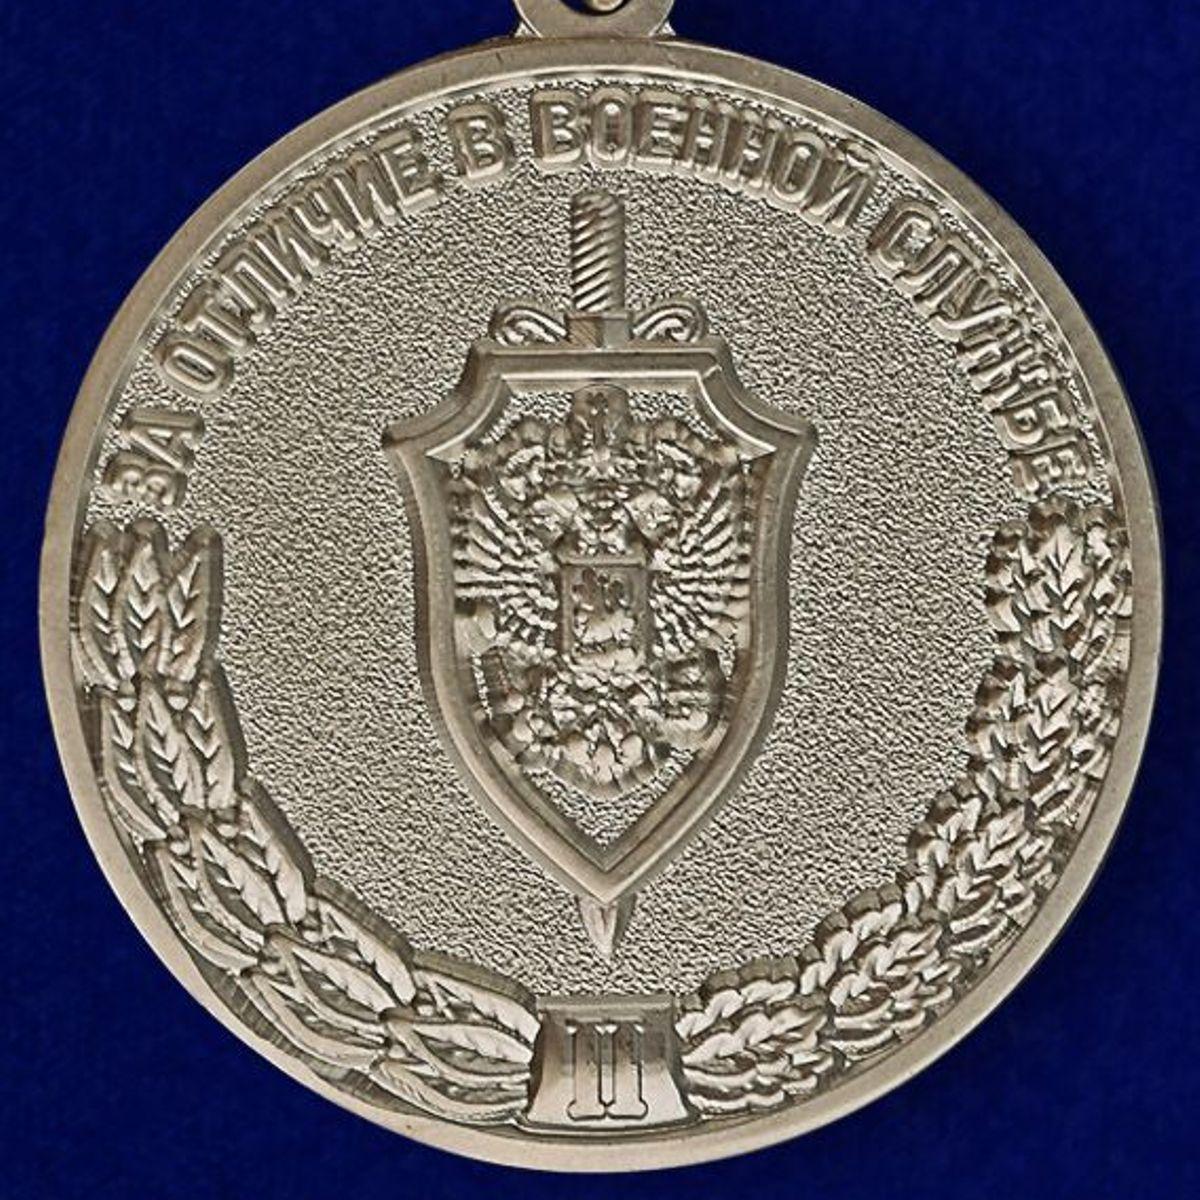 Медаль ФСБ РФ За отличие в военной службе II степени в бархатном футляре - Аверс